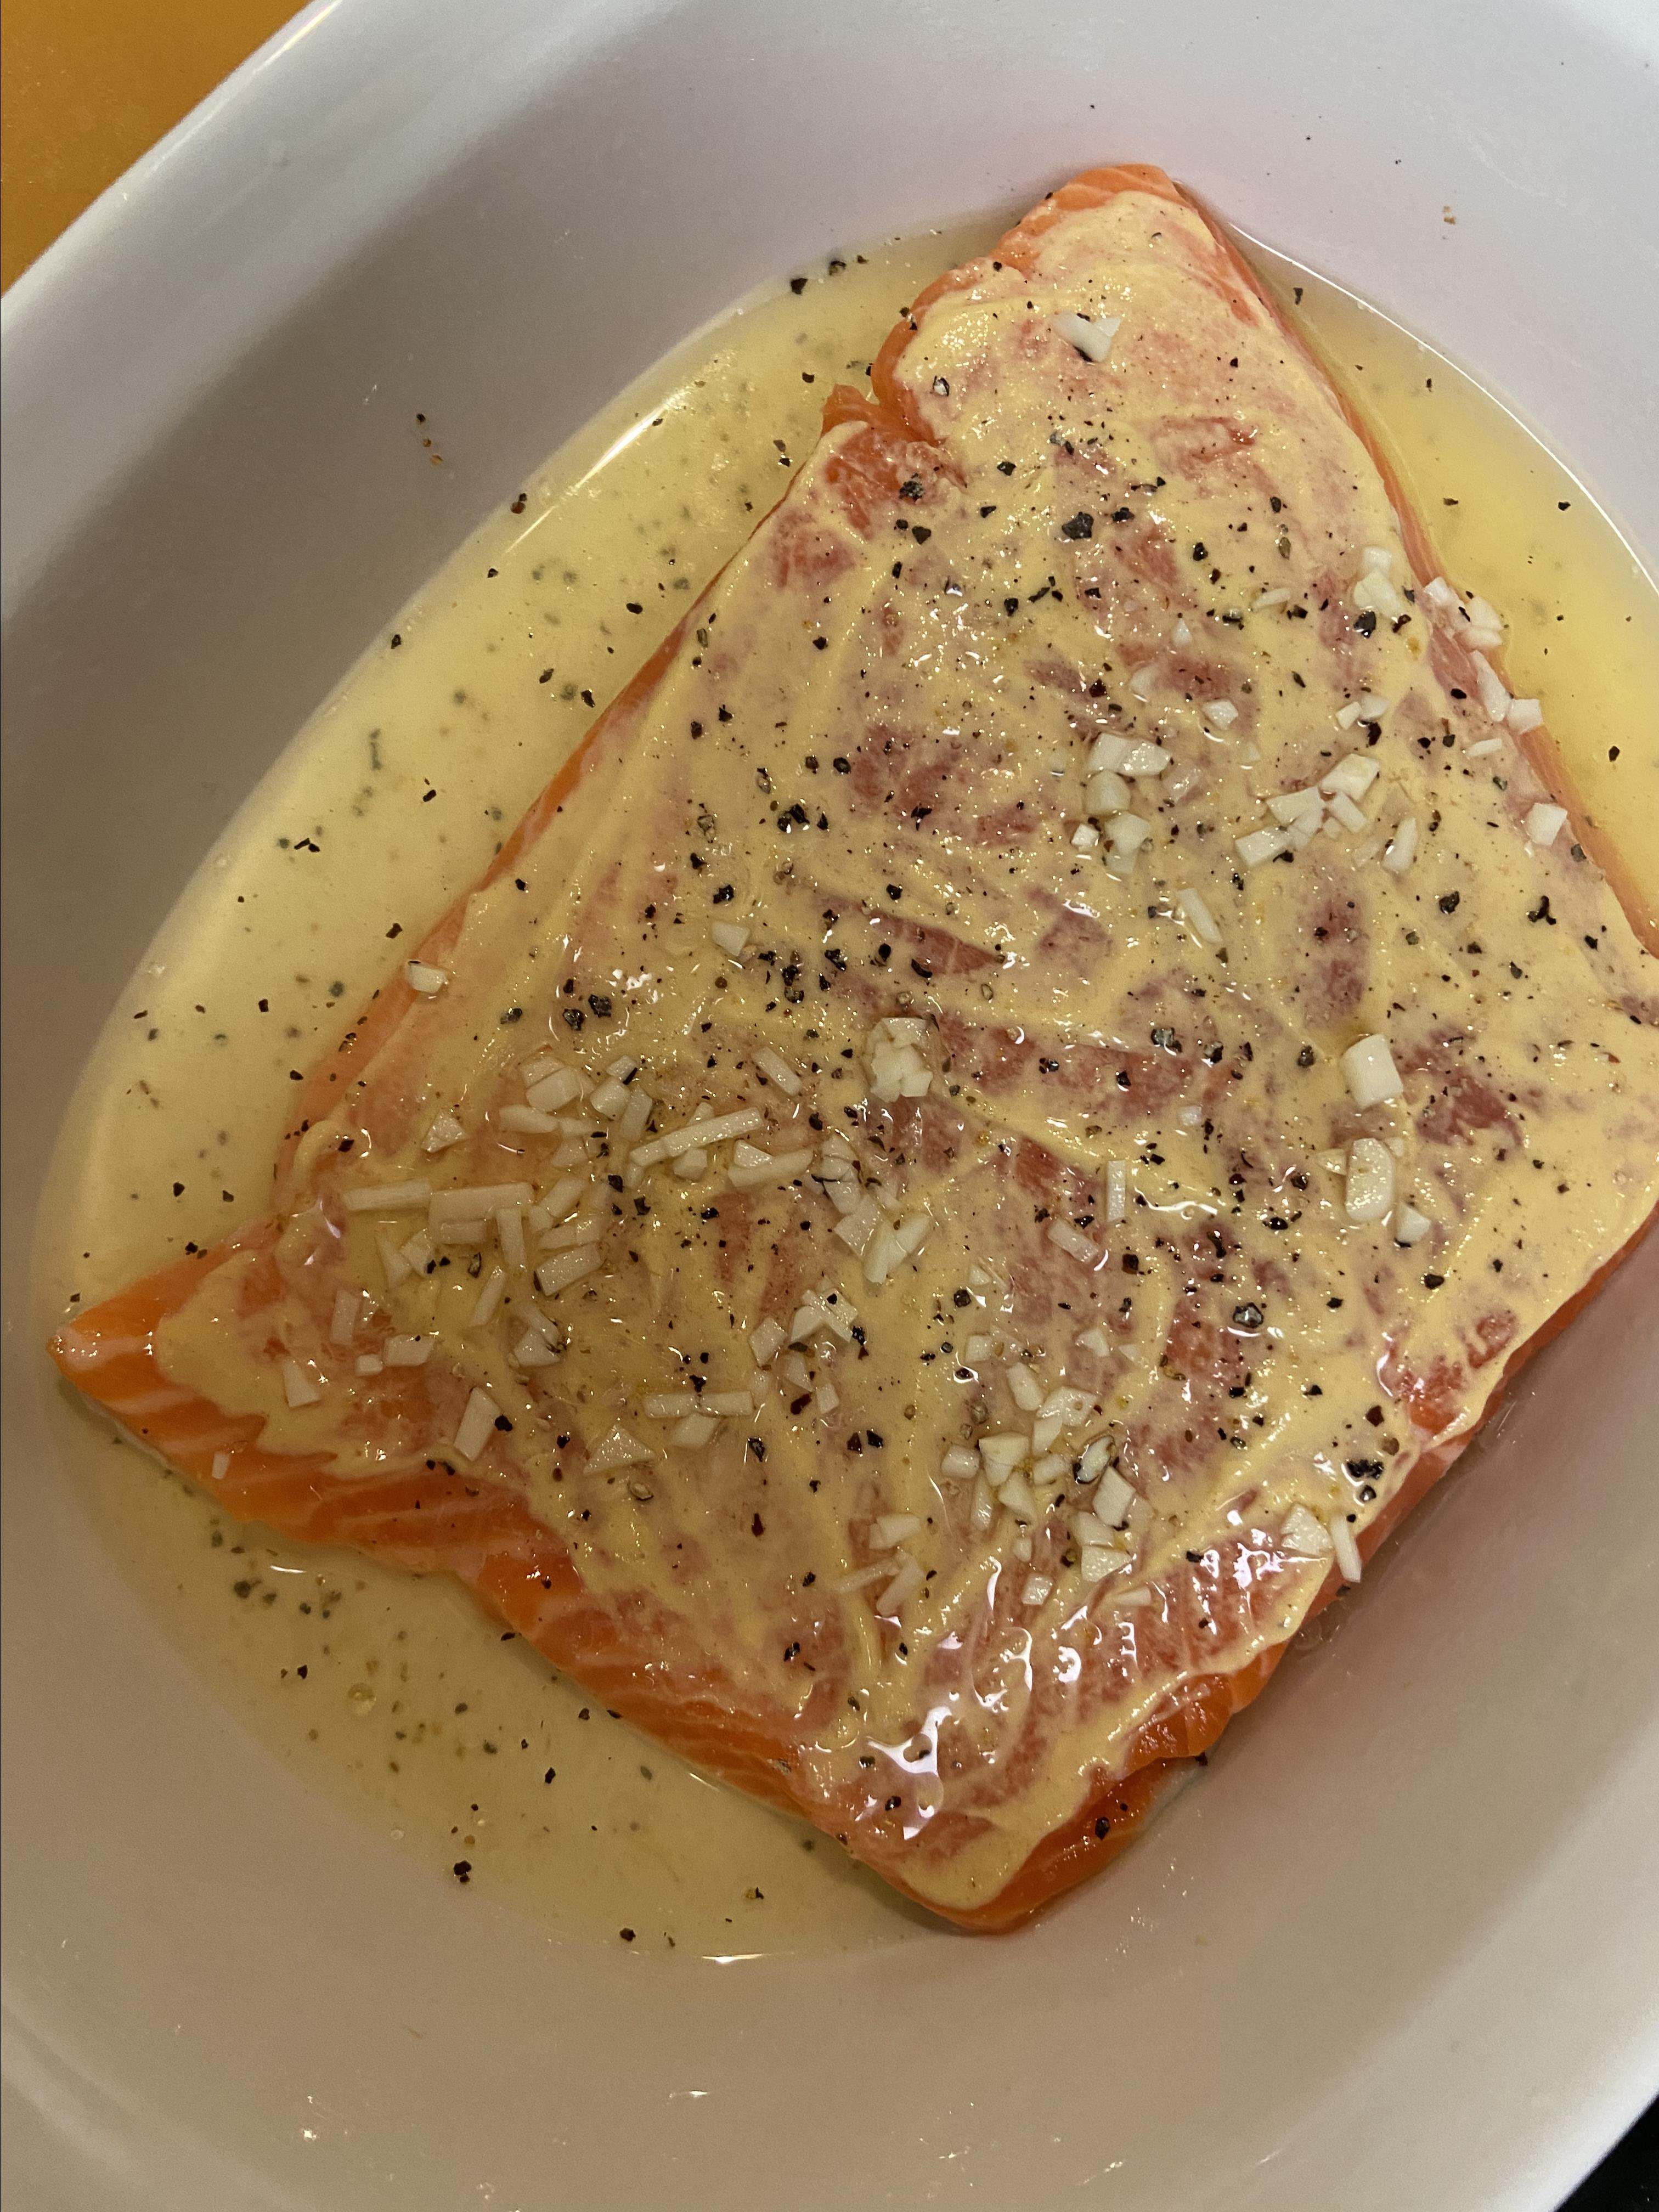 Steelhead Trout Bake with Dijon Mustard